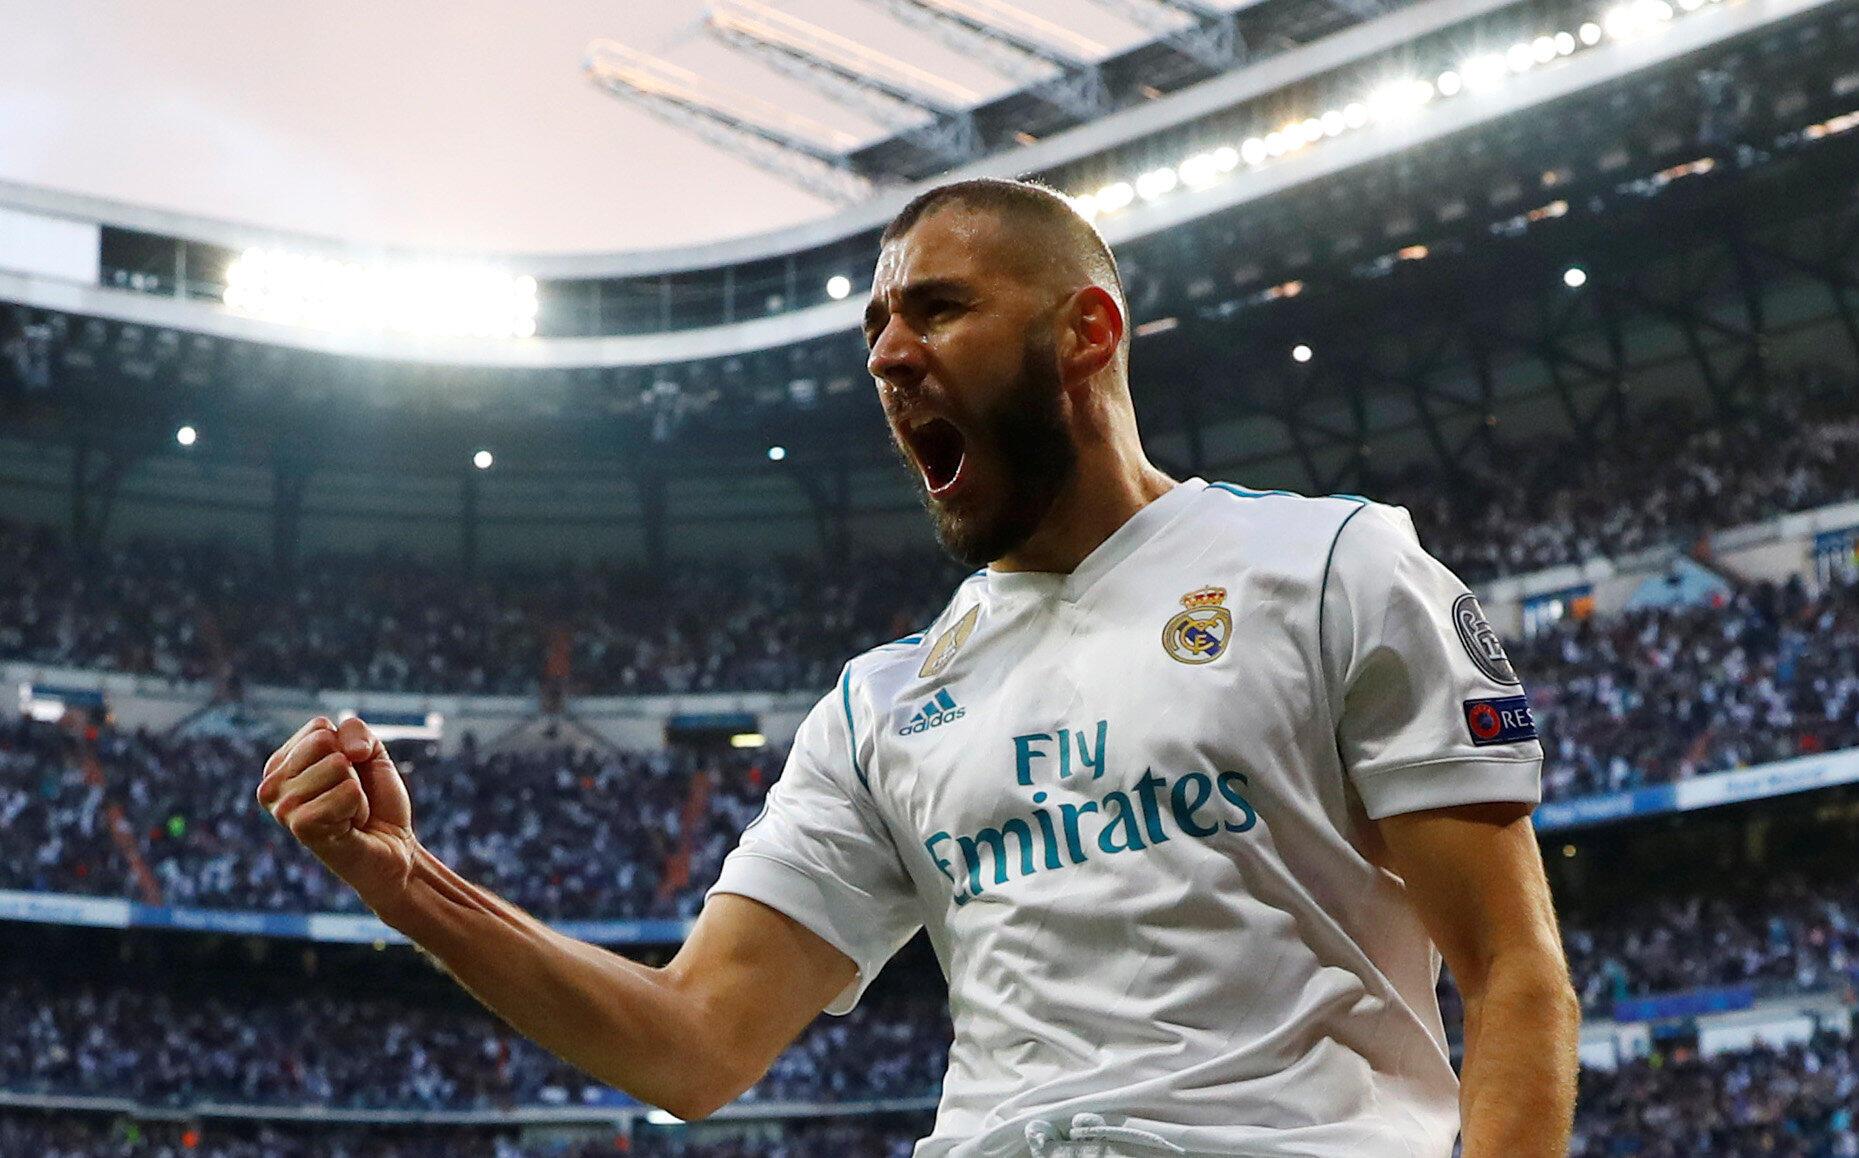 L'attaquant français Karim Benzema a inscrit un doublé pour le Real Madrid face au Bayern Munich, le 1er mai 2018.